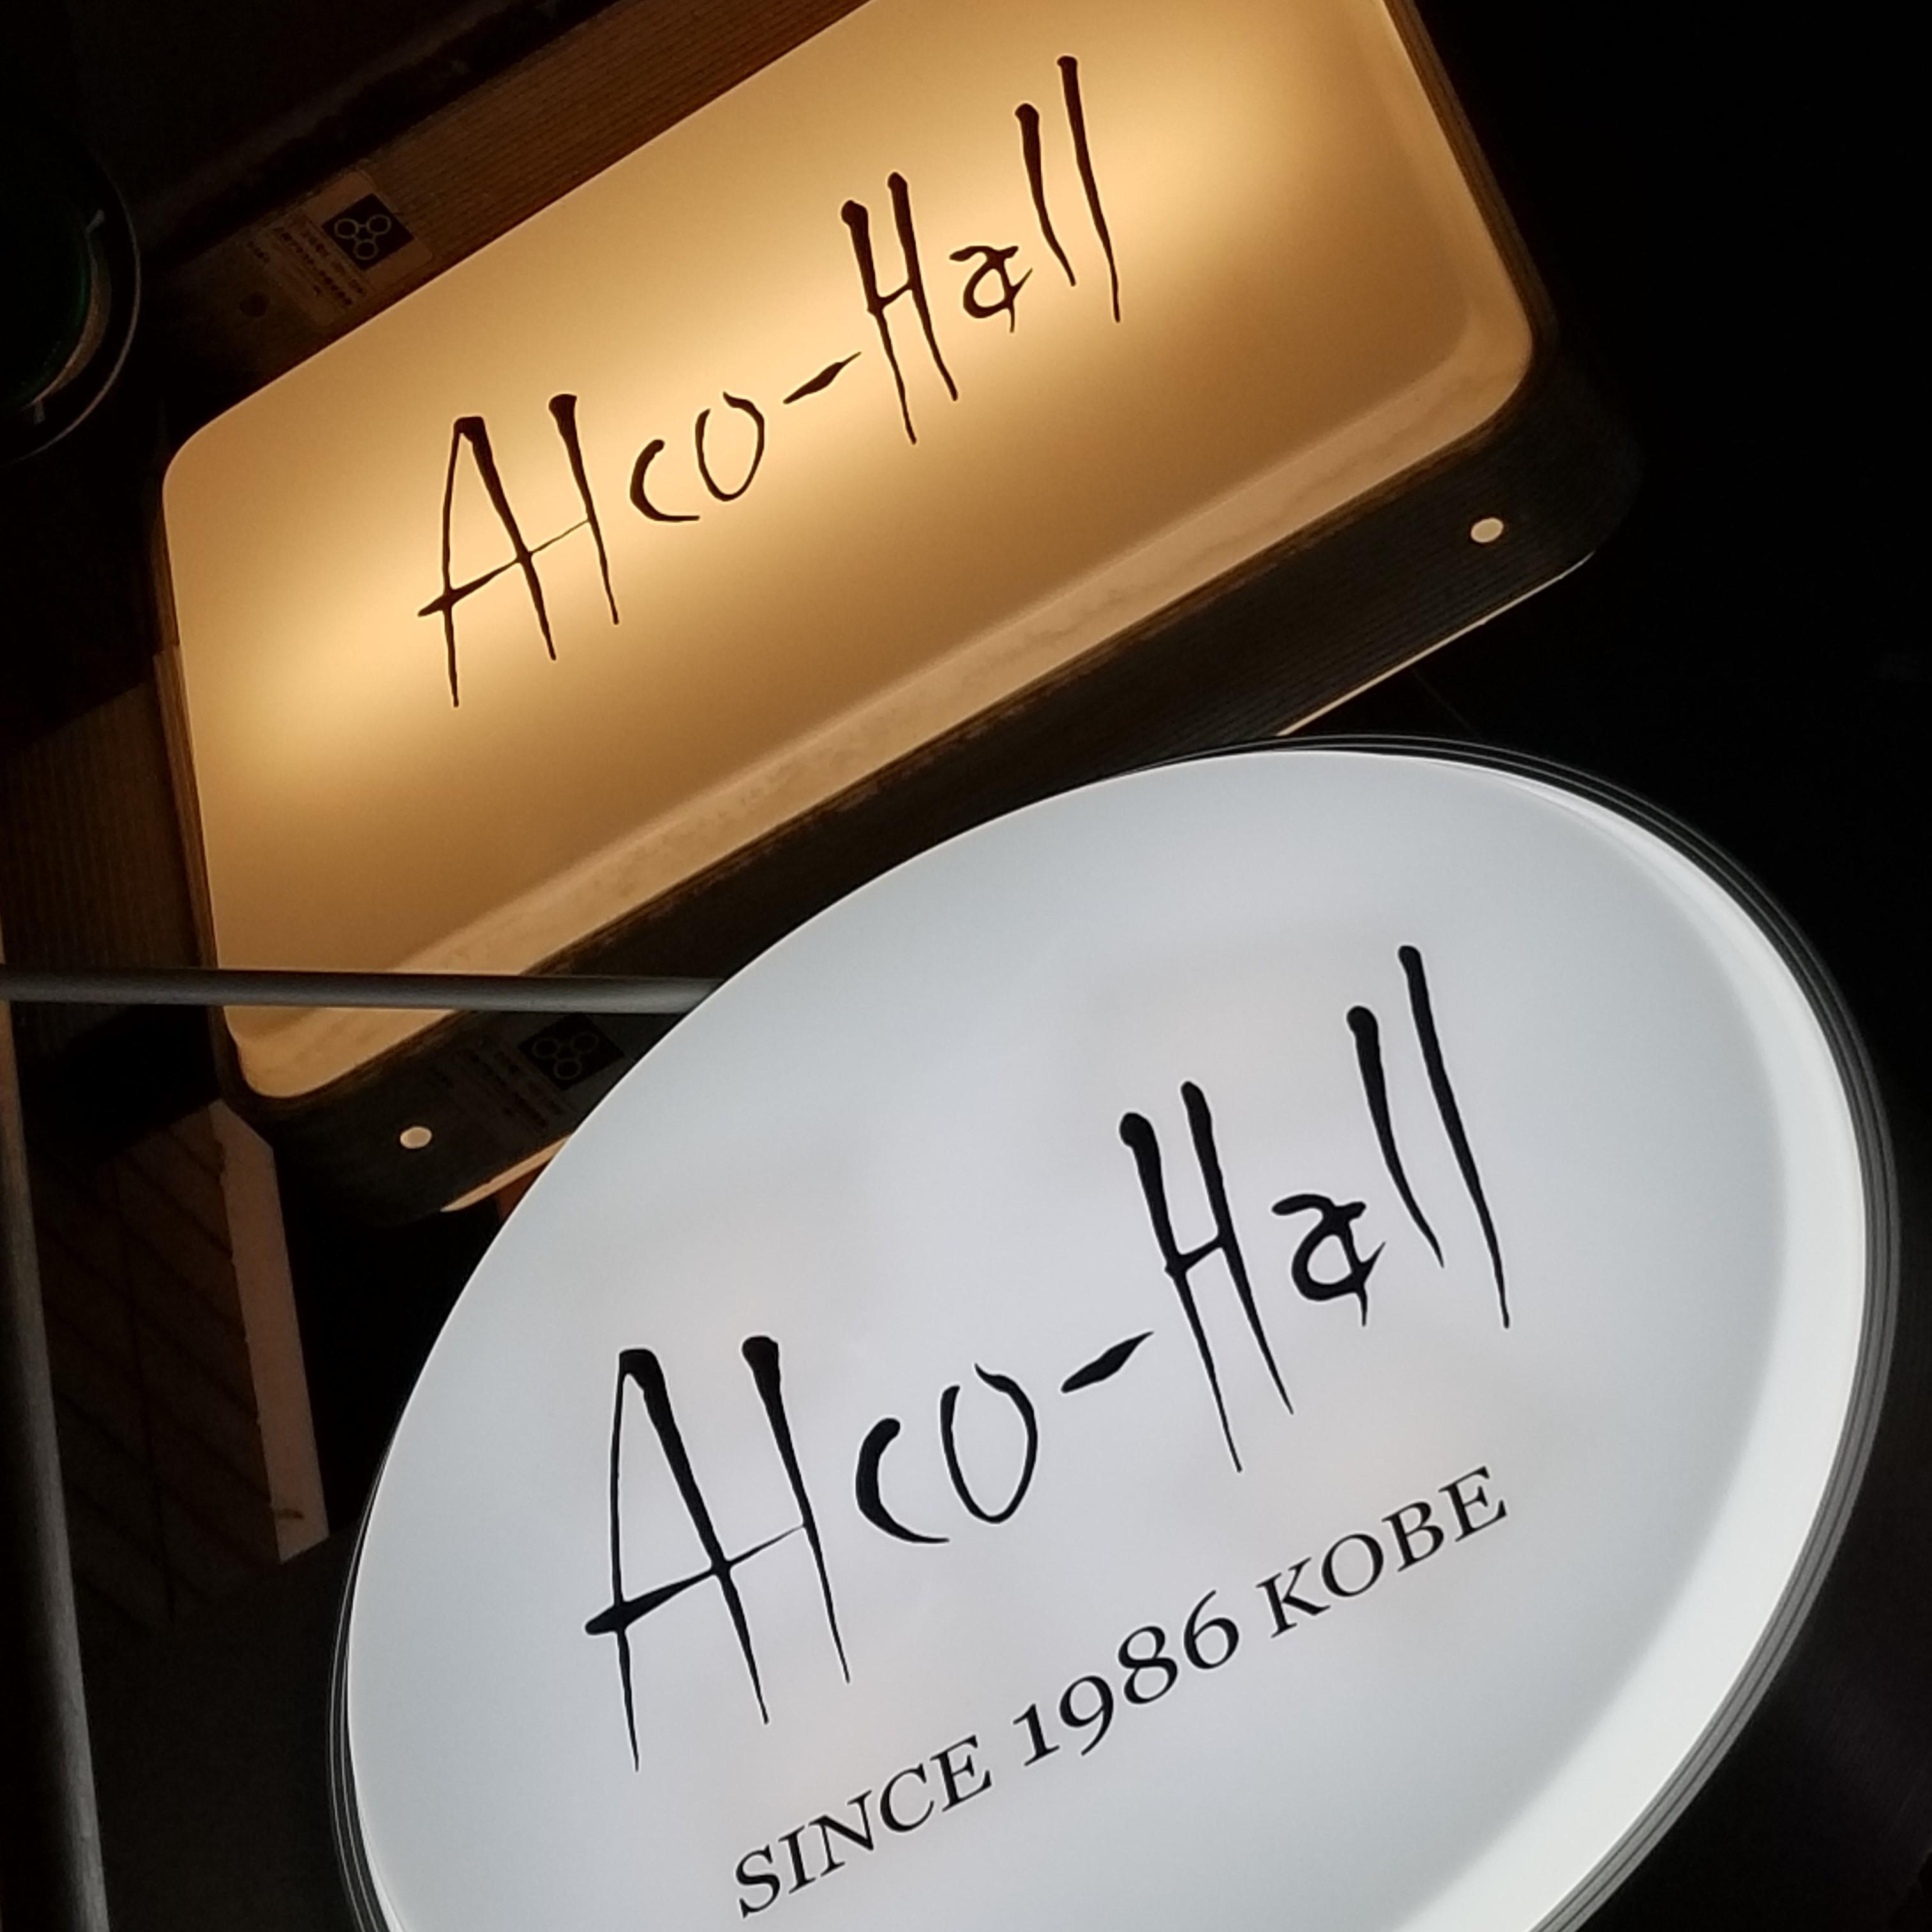 Alco-Hall